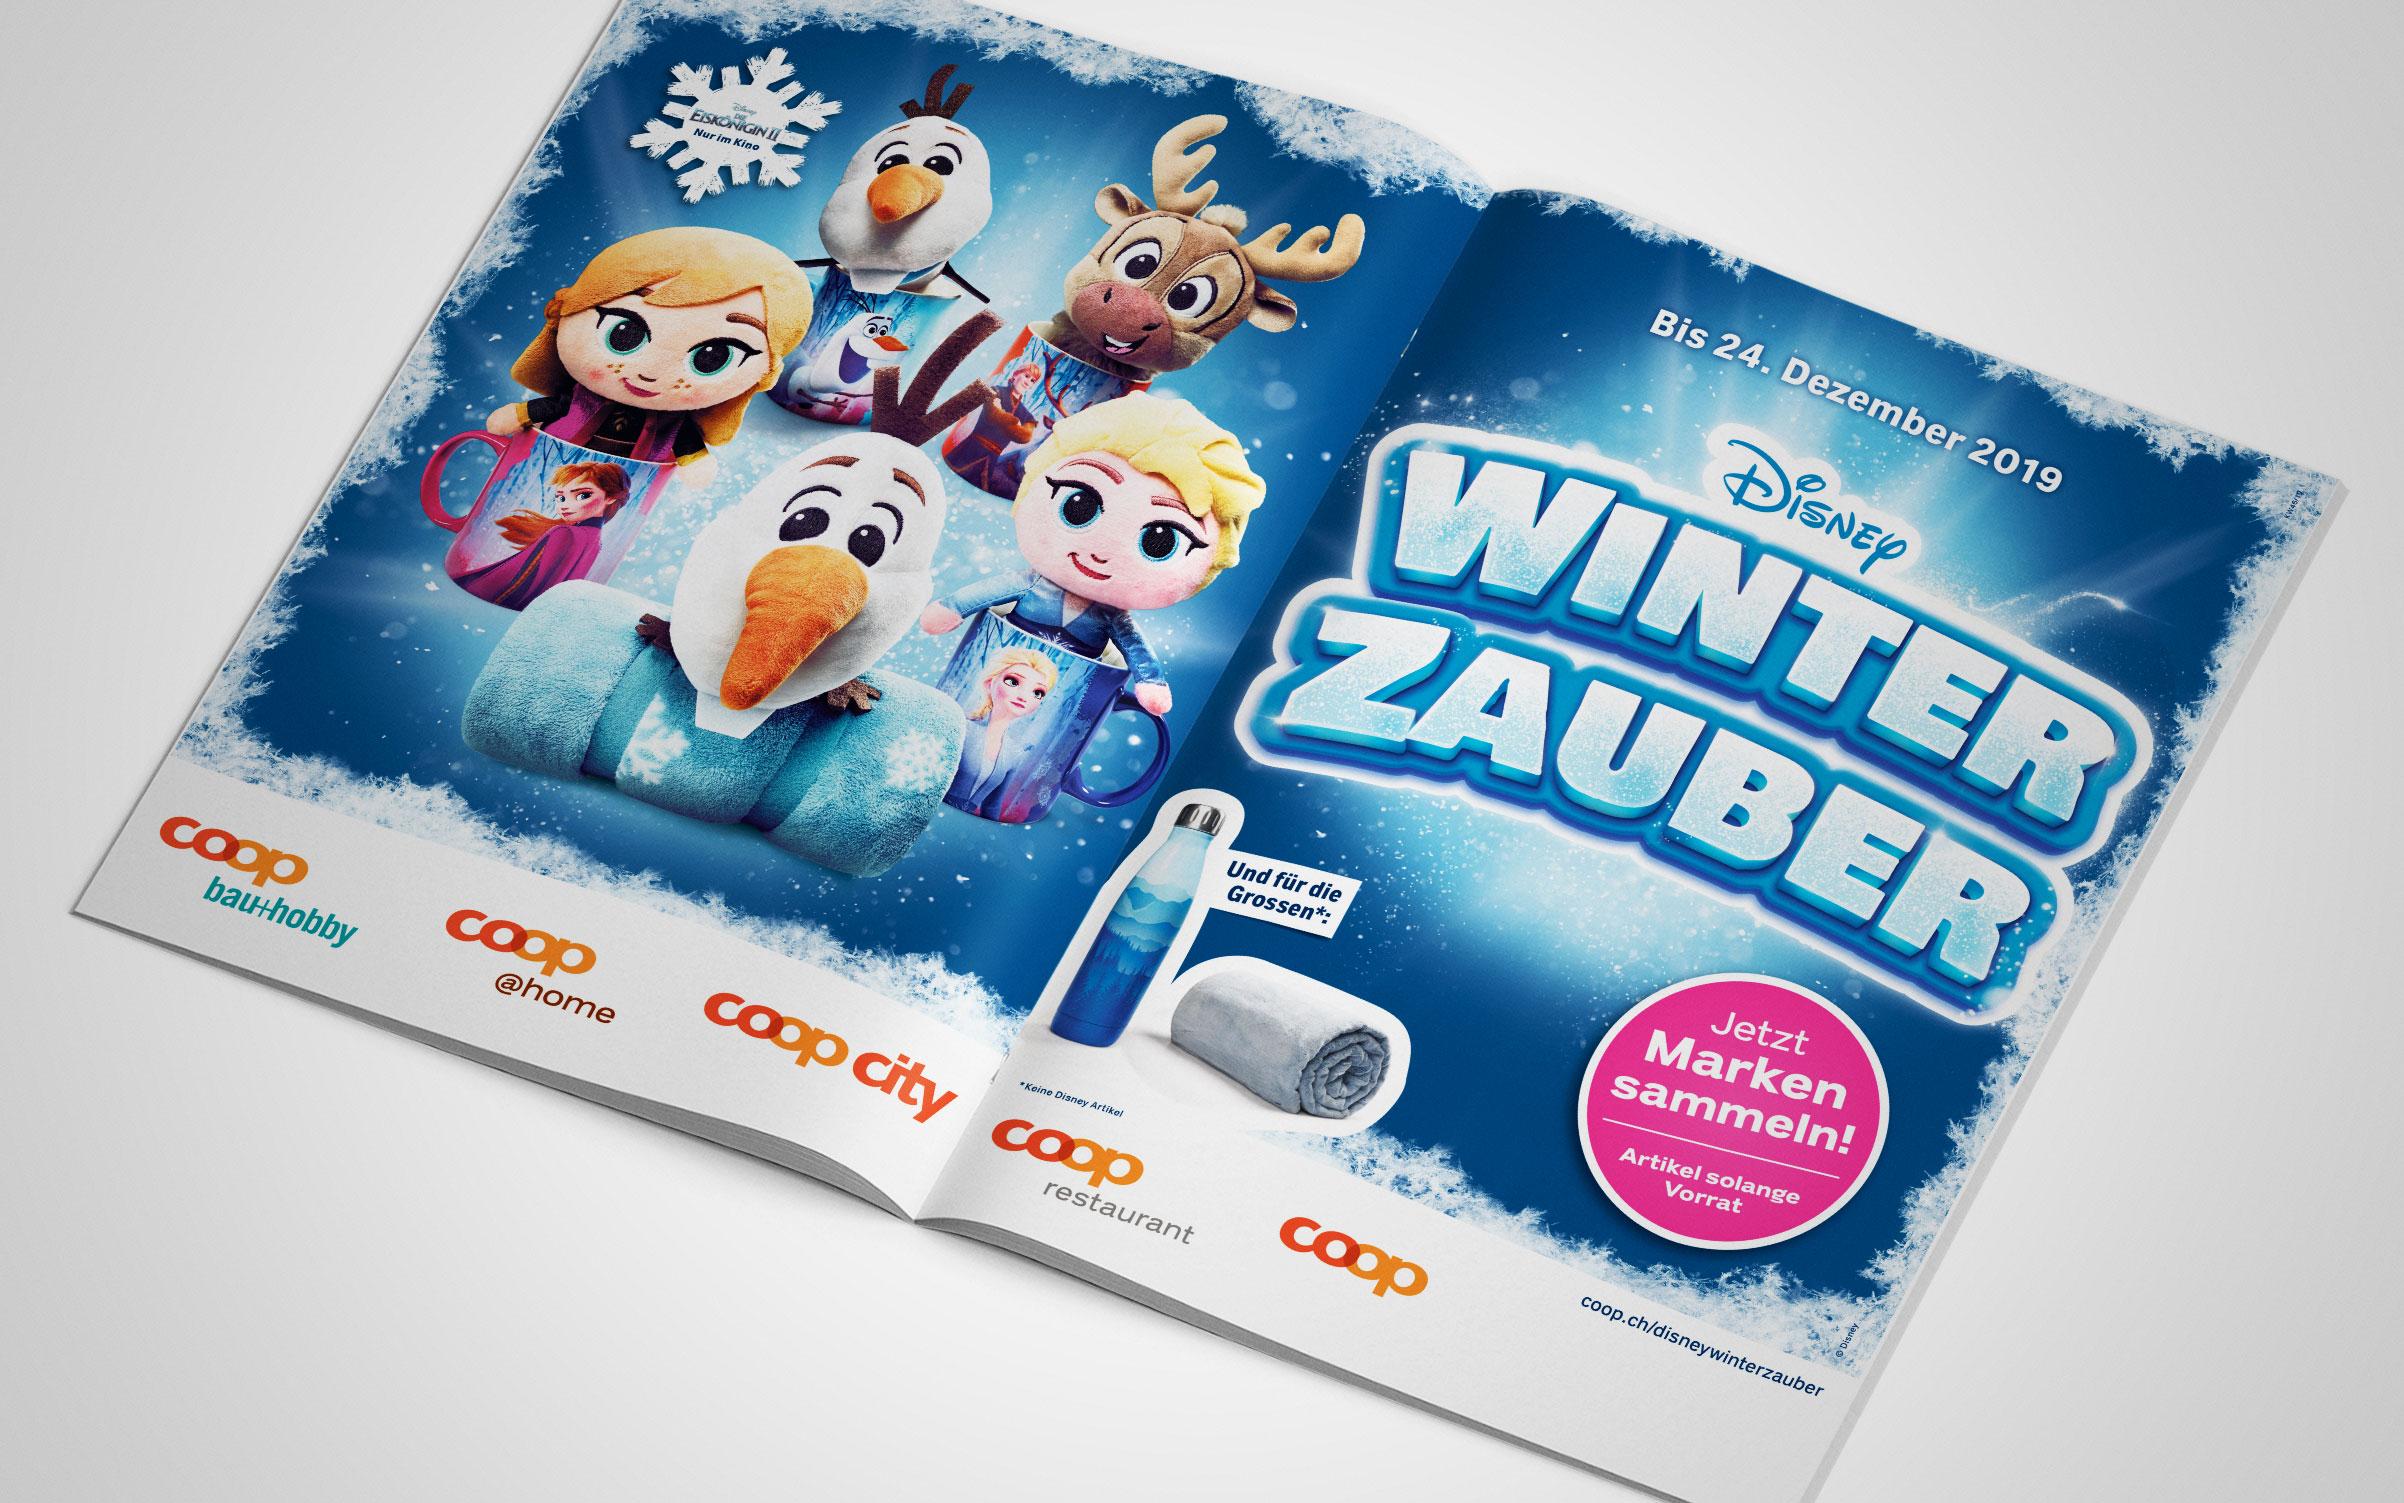 CZ_Inserat_Winterzauber_grau